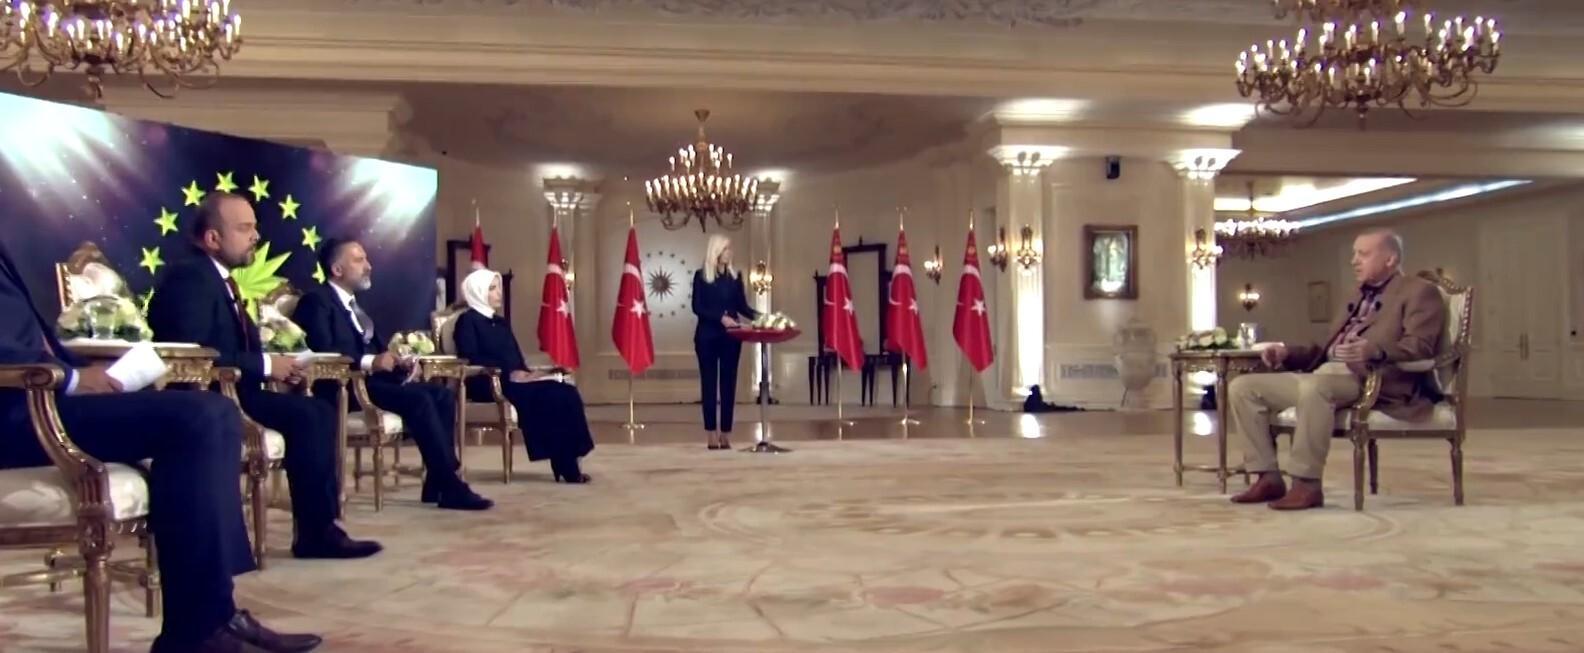 Son dakika haberi... Erdoğan'dan Taliban'la görüşme mesajı:'Afgan halkı için her türlü işbirliğine hazırız'